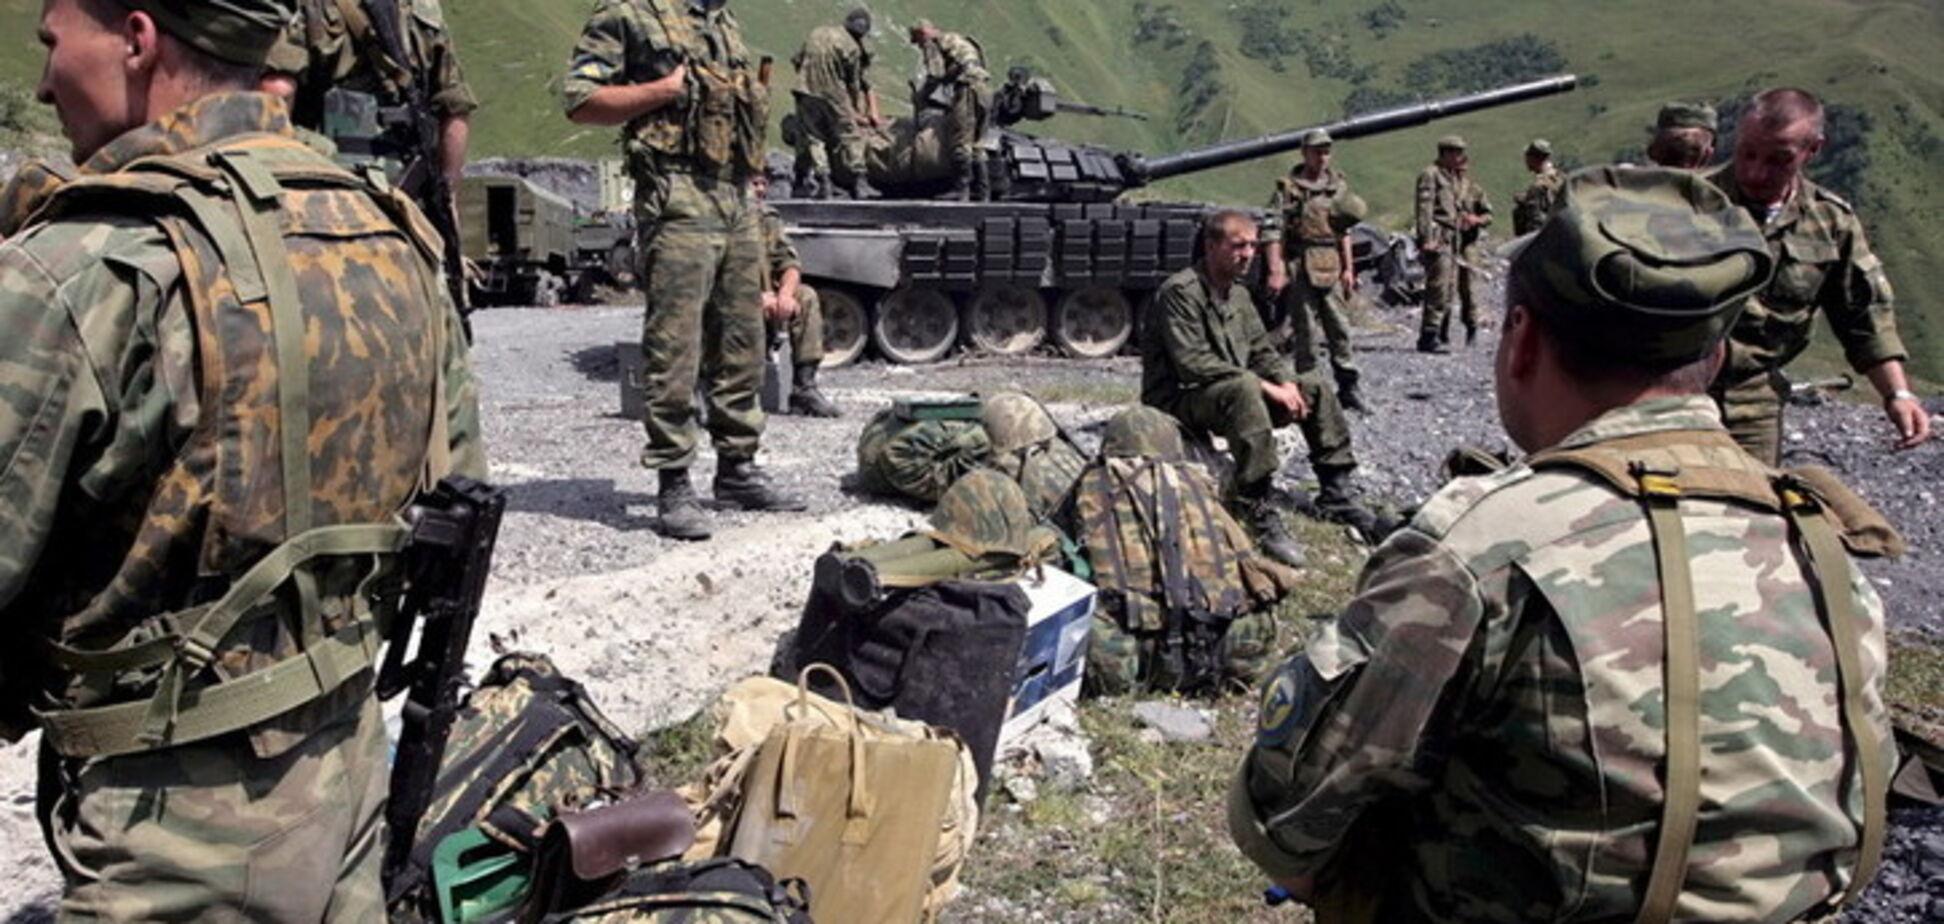 Що чекає Україну у війні з РФ: грузинський військовий дав тривожний прогноз